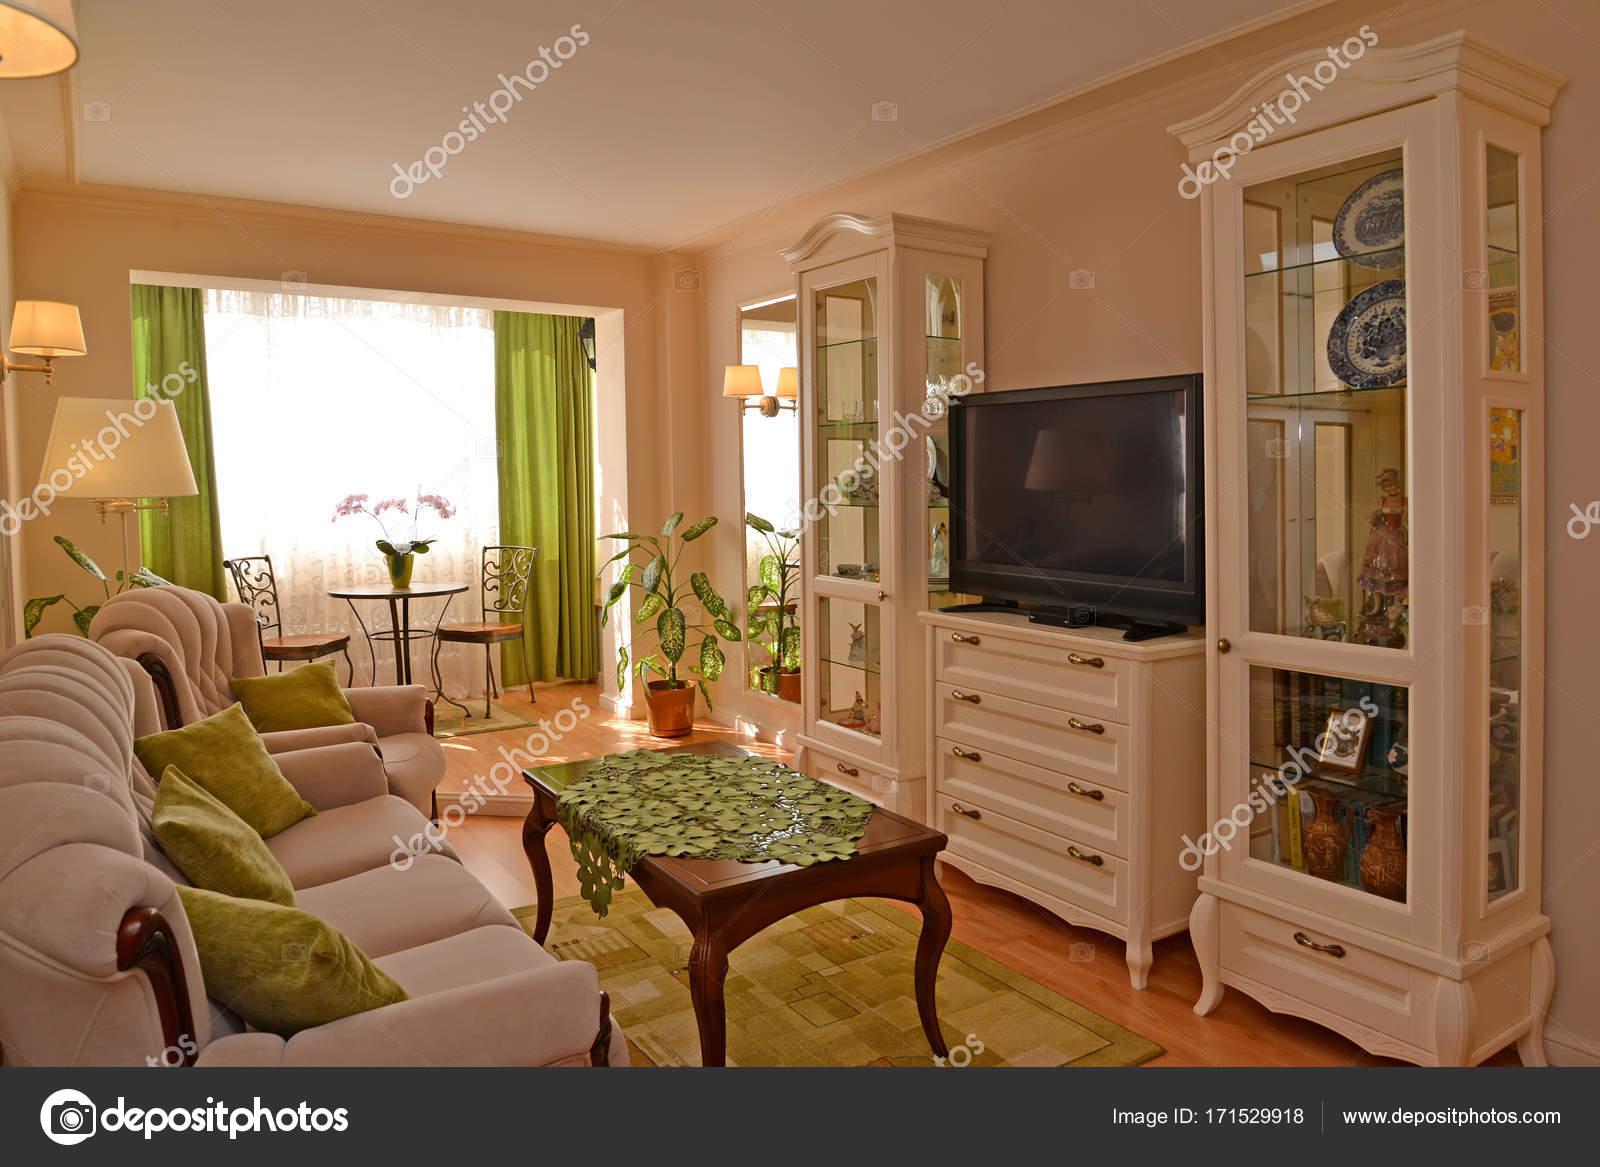 Decorar Dormitorio Peque Ef Bf Bdo Con Muebles Blancos